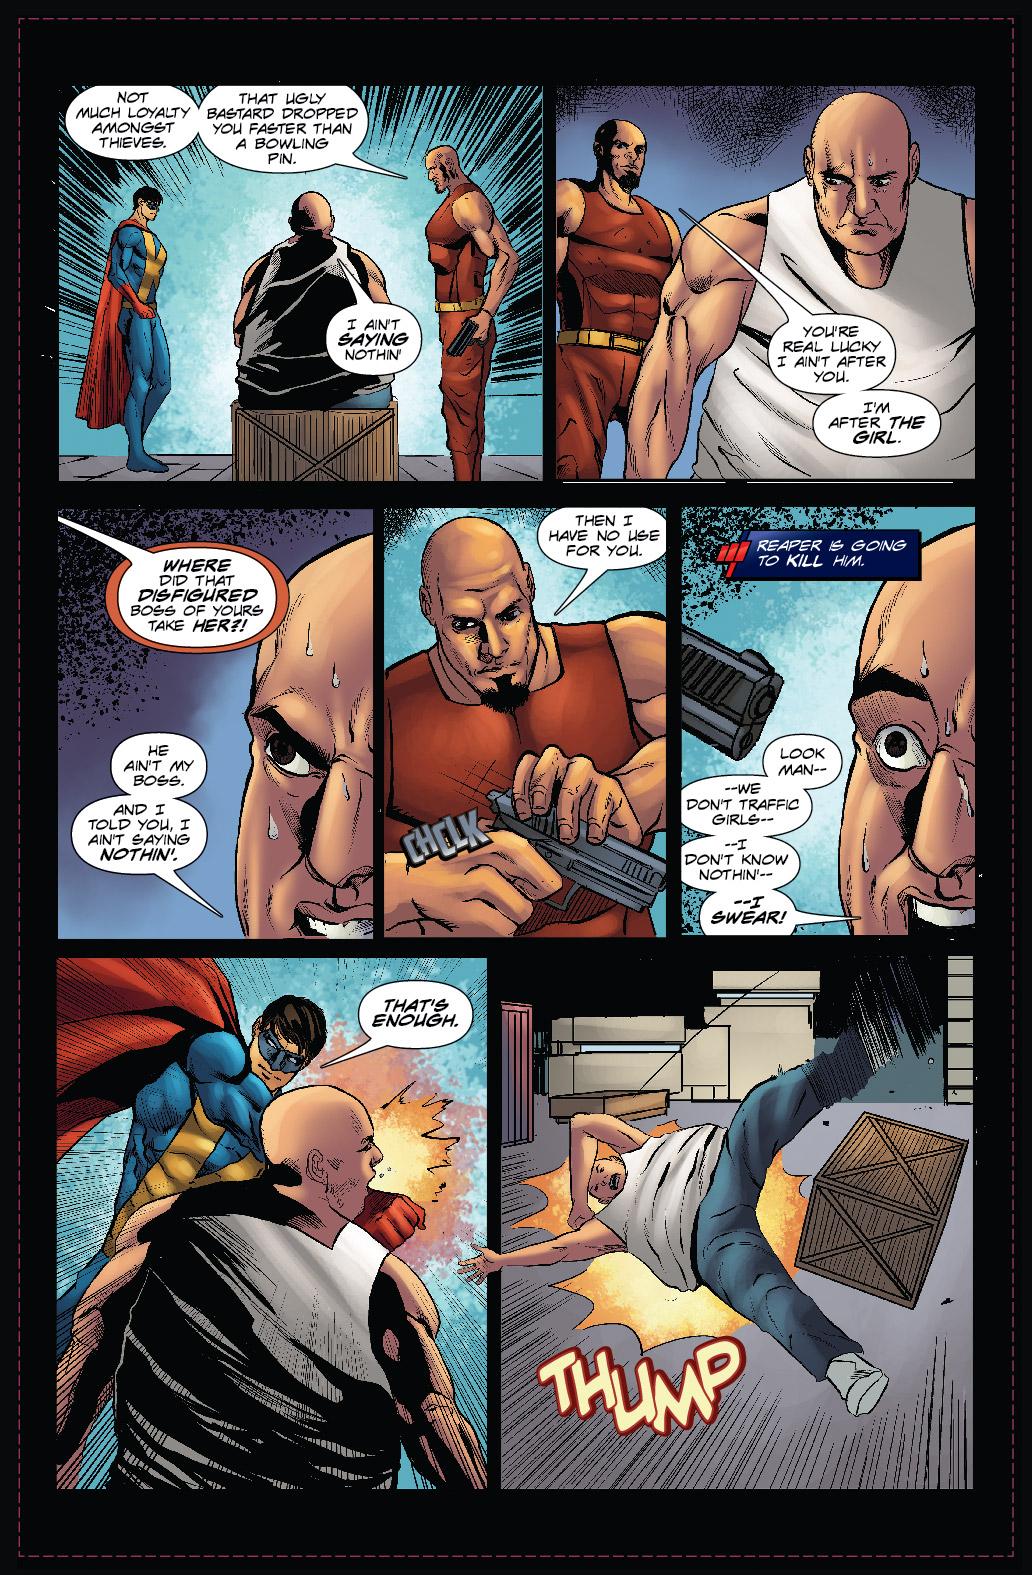 Kinetic 003 - Page 006-v4.jpg